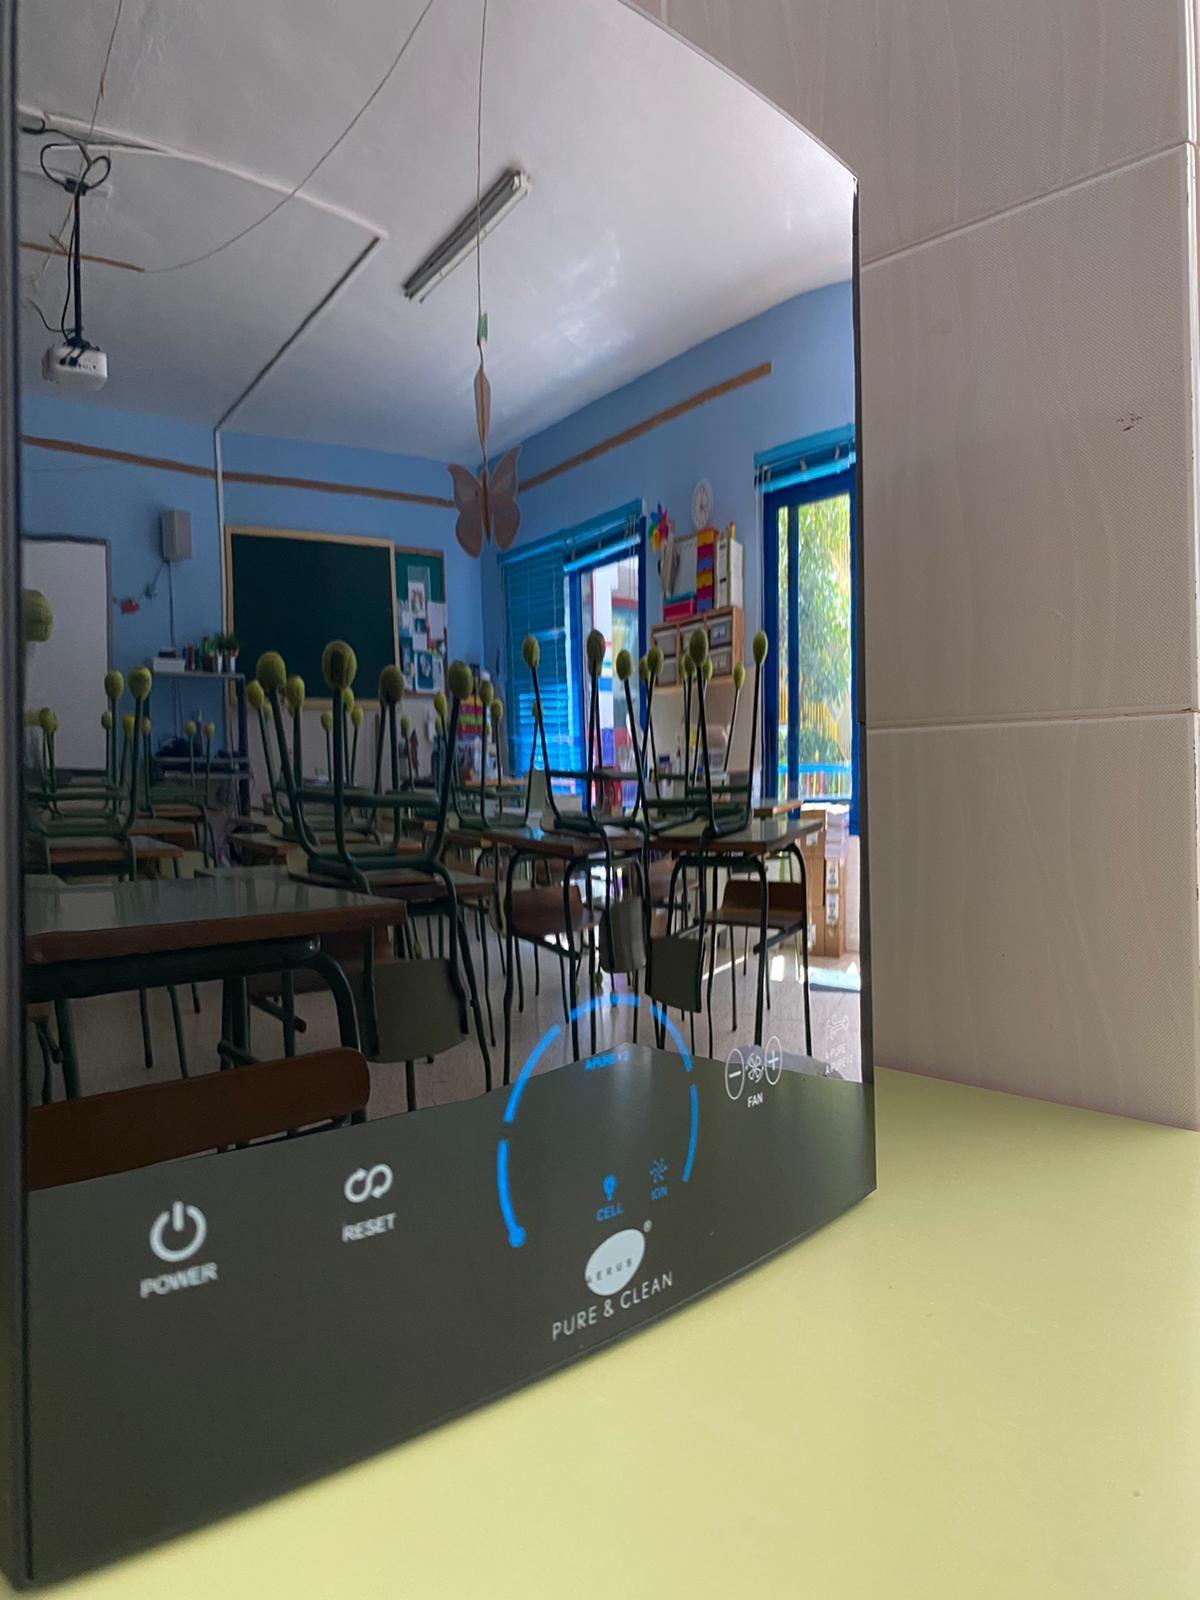 Fotografia Pure and Clean en aula